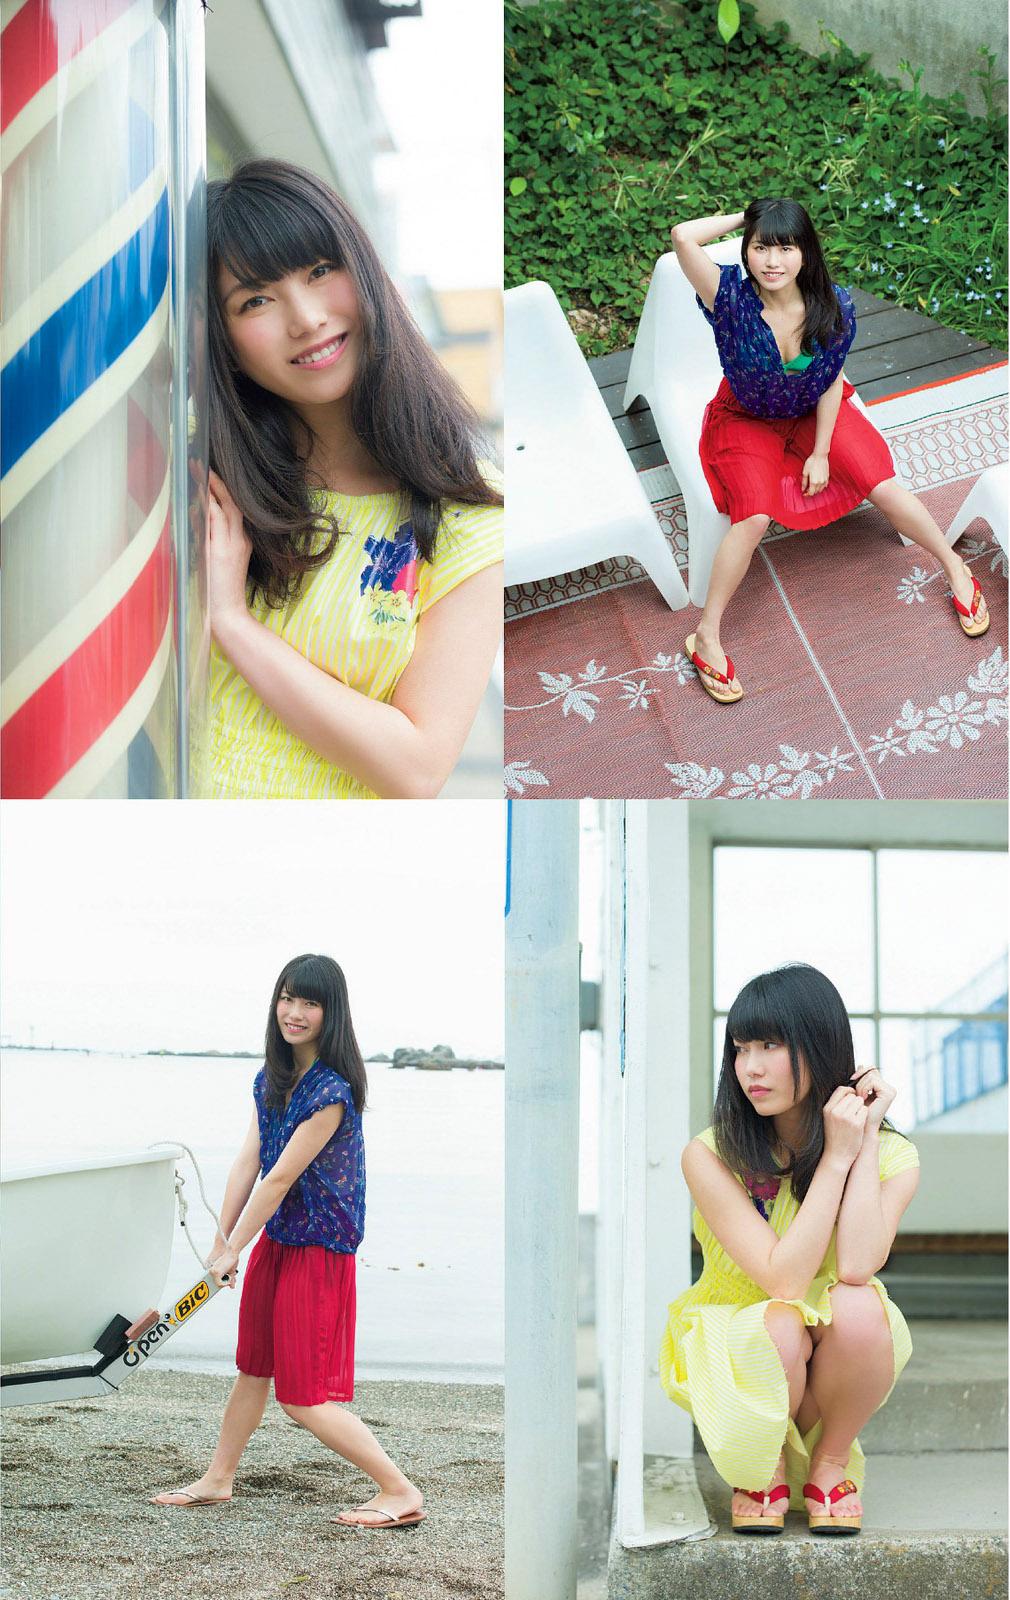 YYokoyama WPB 140526 02.jpg